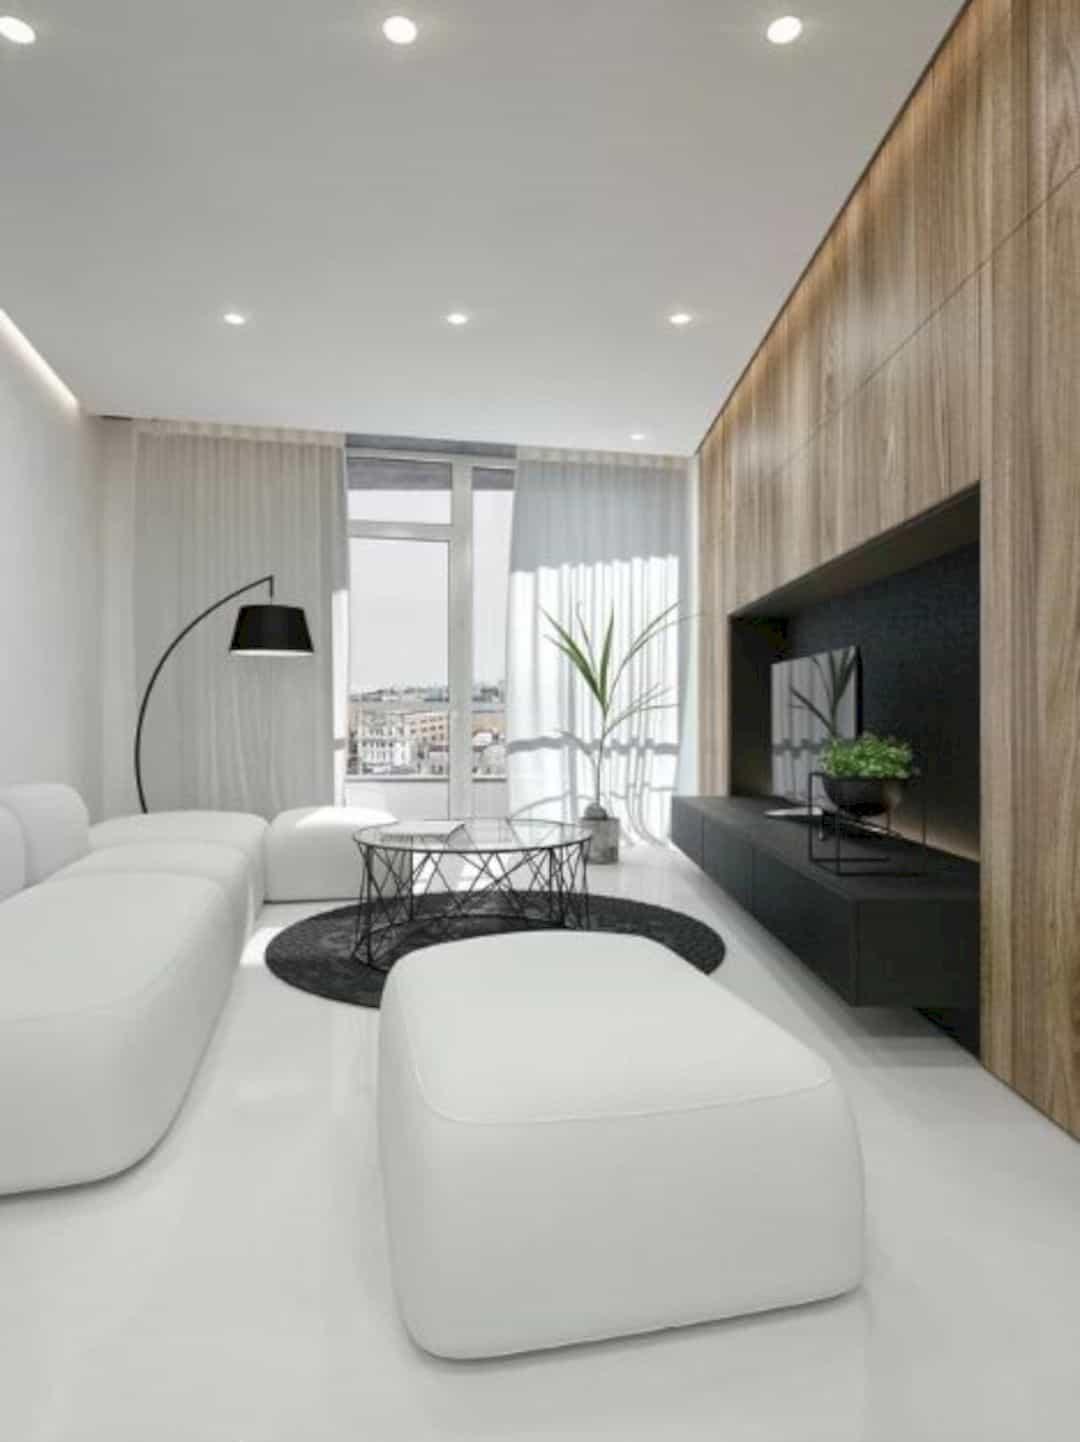 Elegant Apartment: An Artistic Concept of Apartment with Elegant